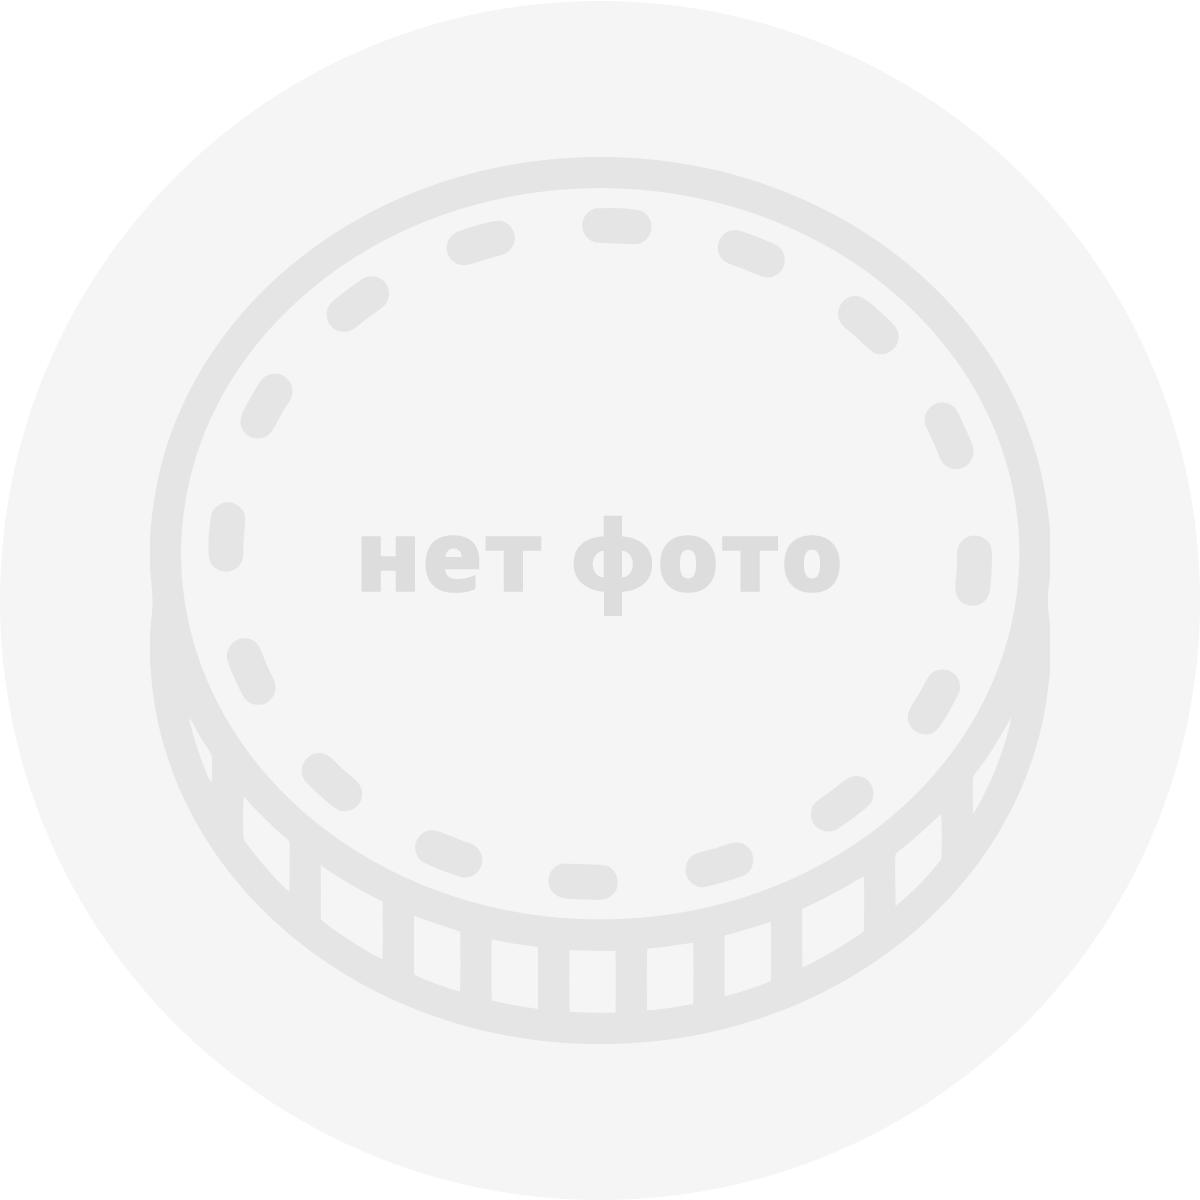 Хёхр., 50 пфеннигов